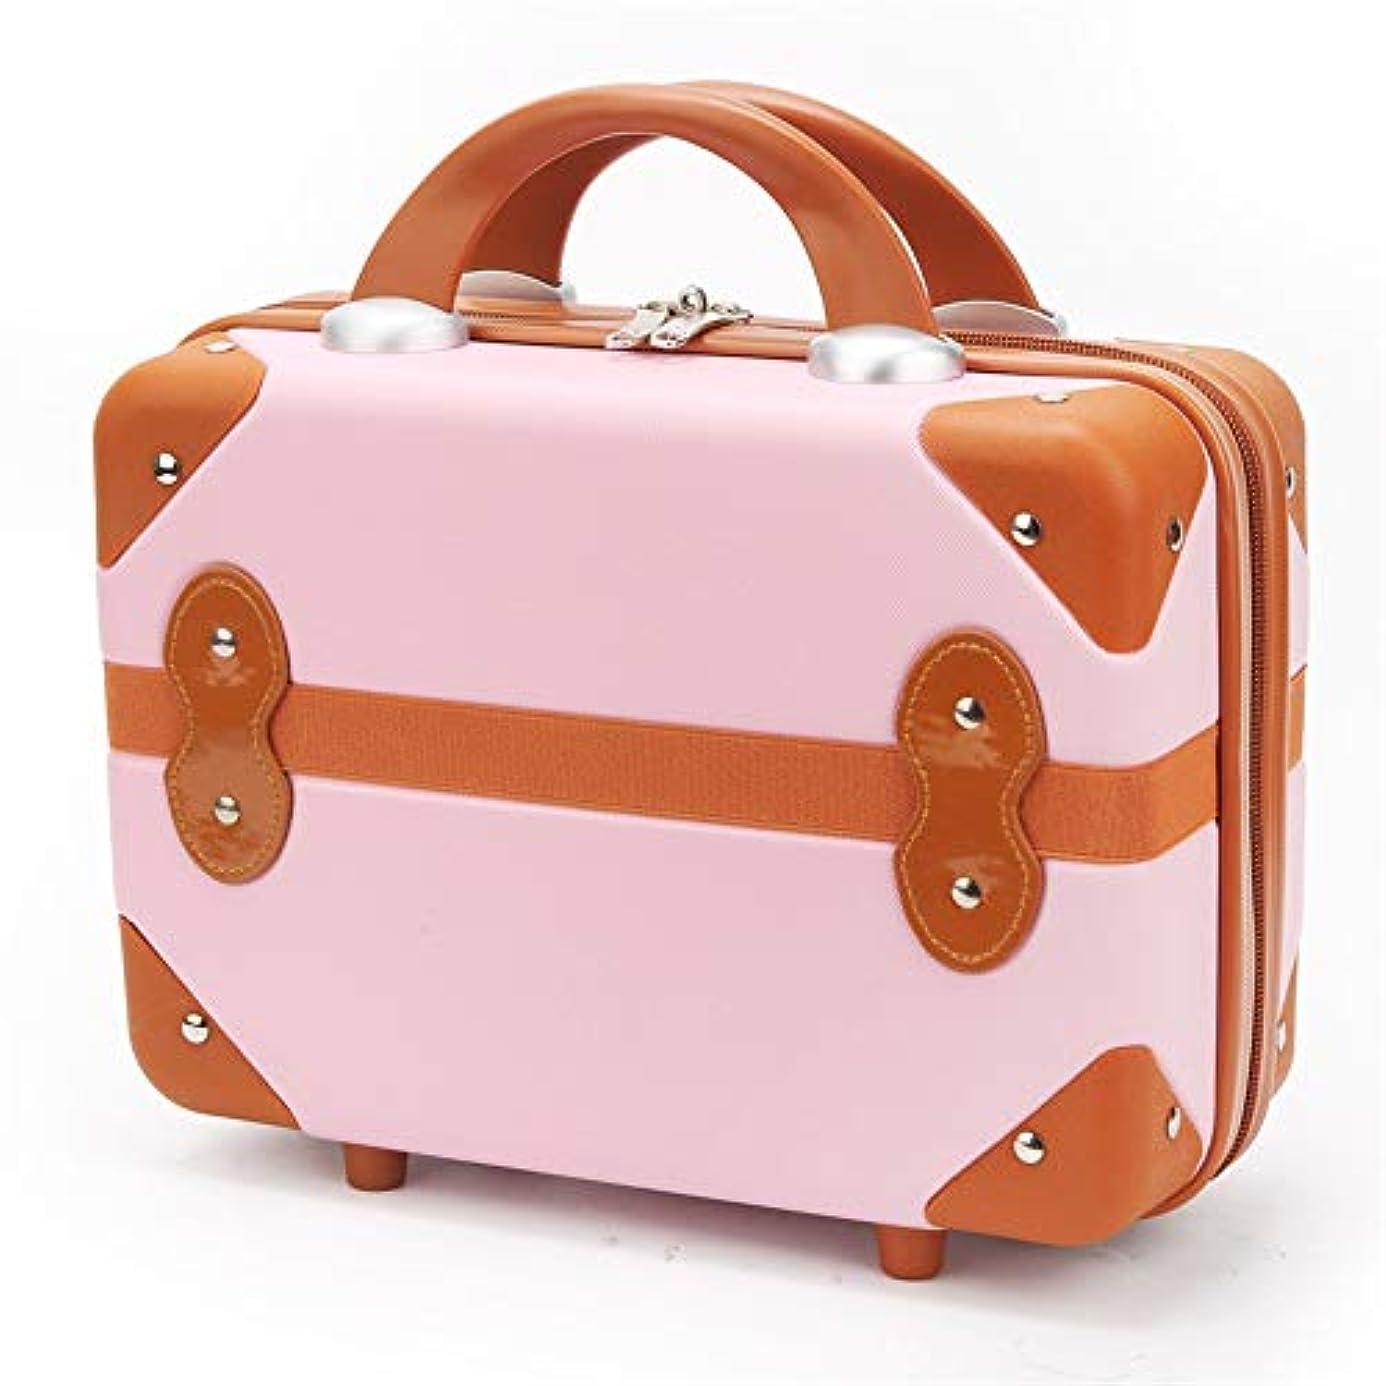 喜ぶ刑務所シビック化粧オーガナイザーバッグ 14インチのメイクアップトラベルバッグPUレター防水化粧ケースのティーン女の子の女性アーティスト 化粧品ケース